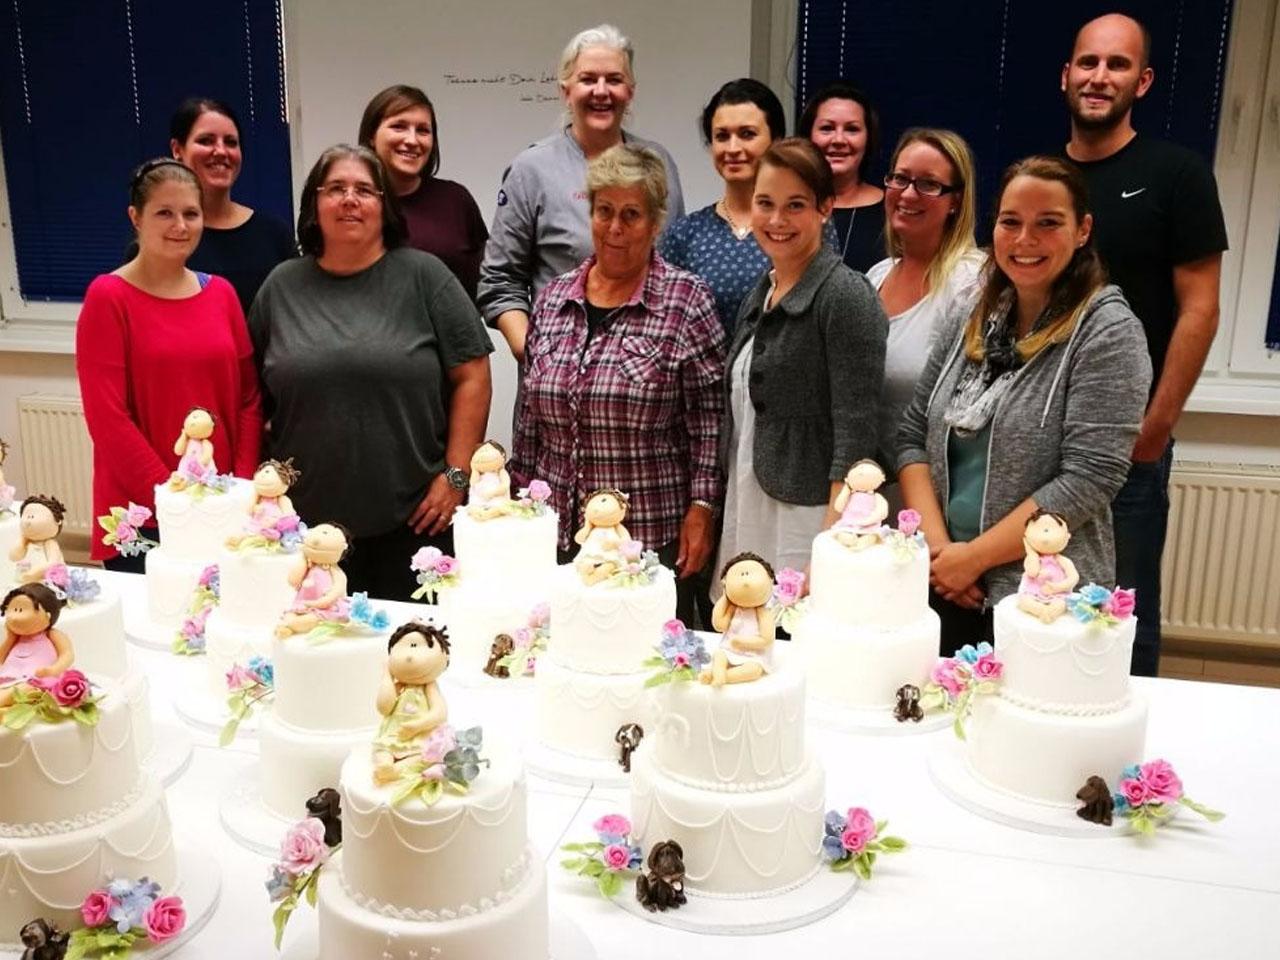 Glückliche und zufriedene Teilnehmerinnen und Teilnehmer bei Cakes Decor & More in Wien